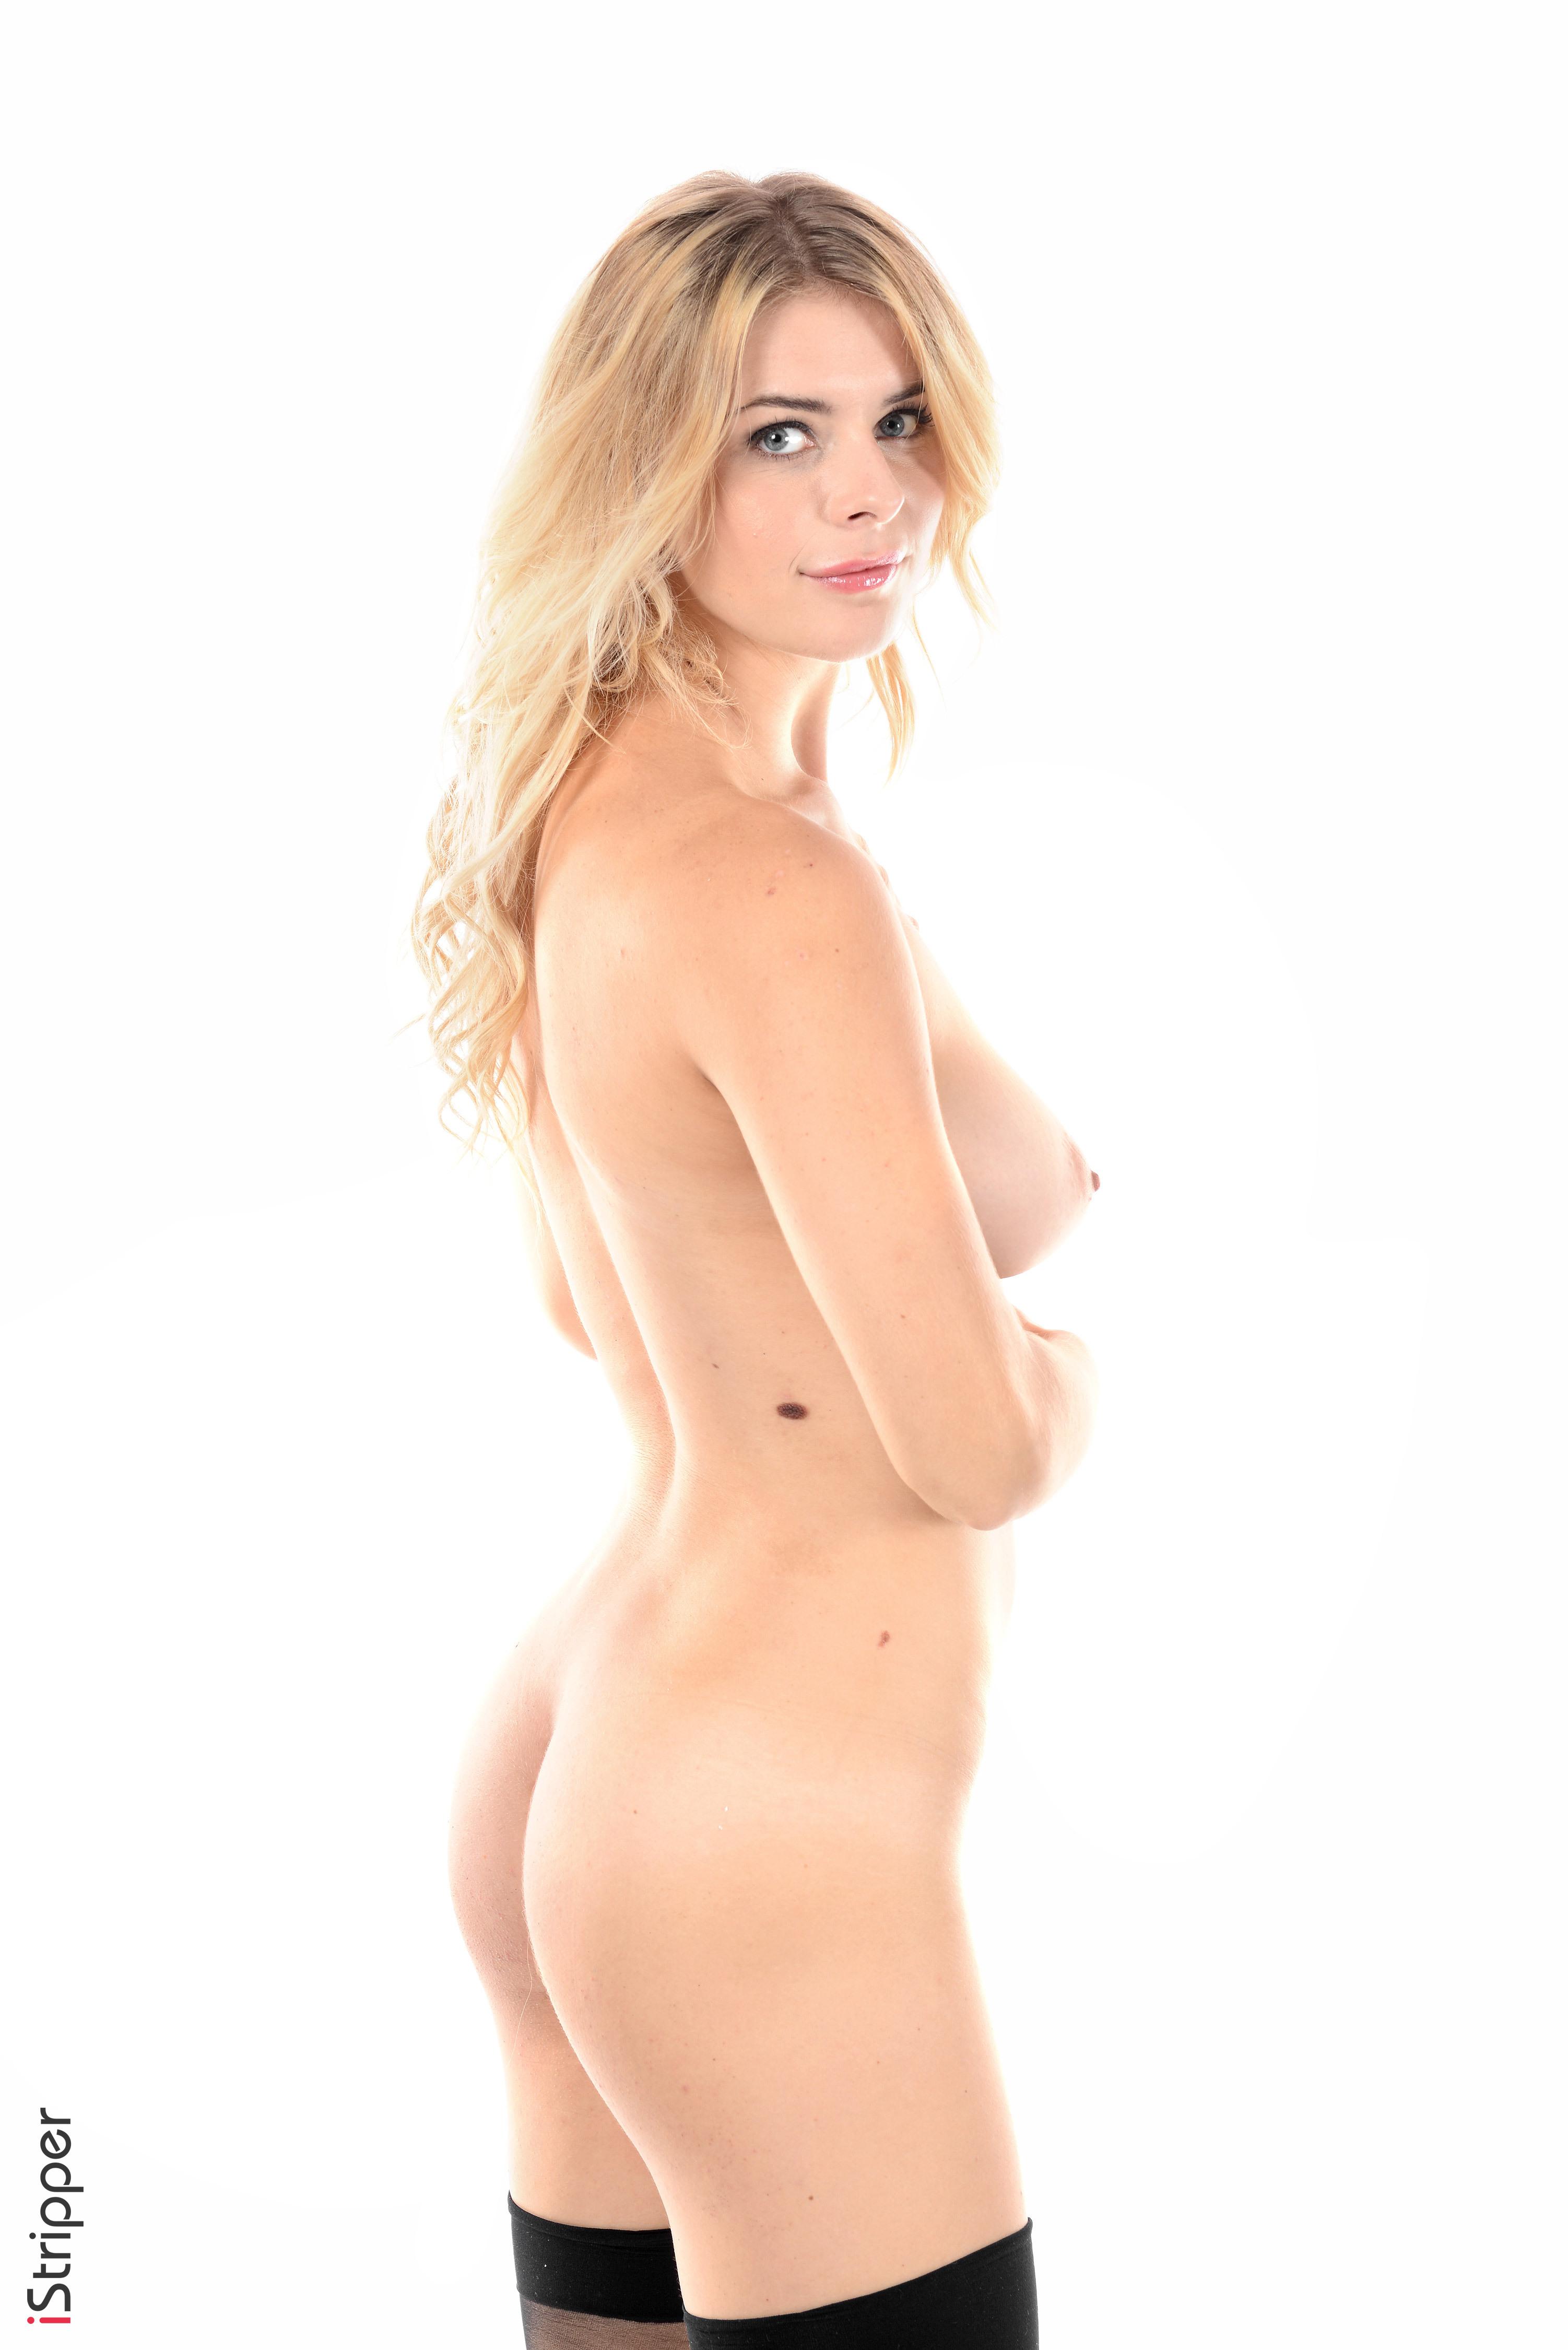 alienware nude women wallpapers